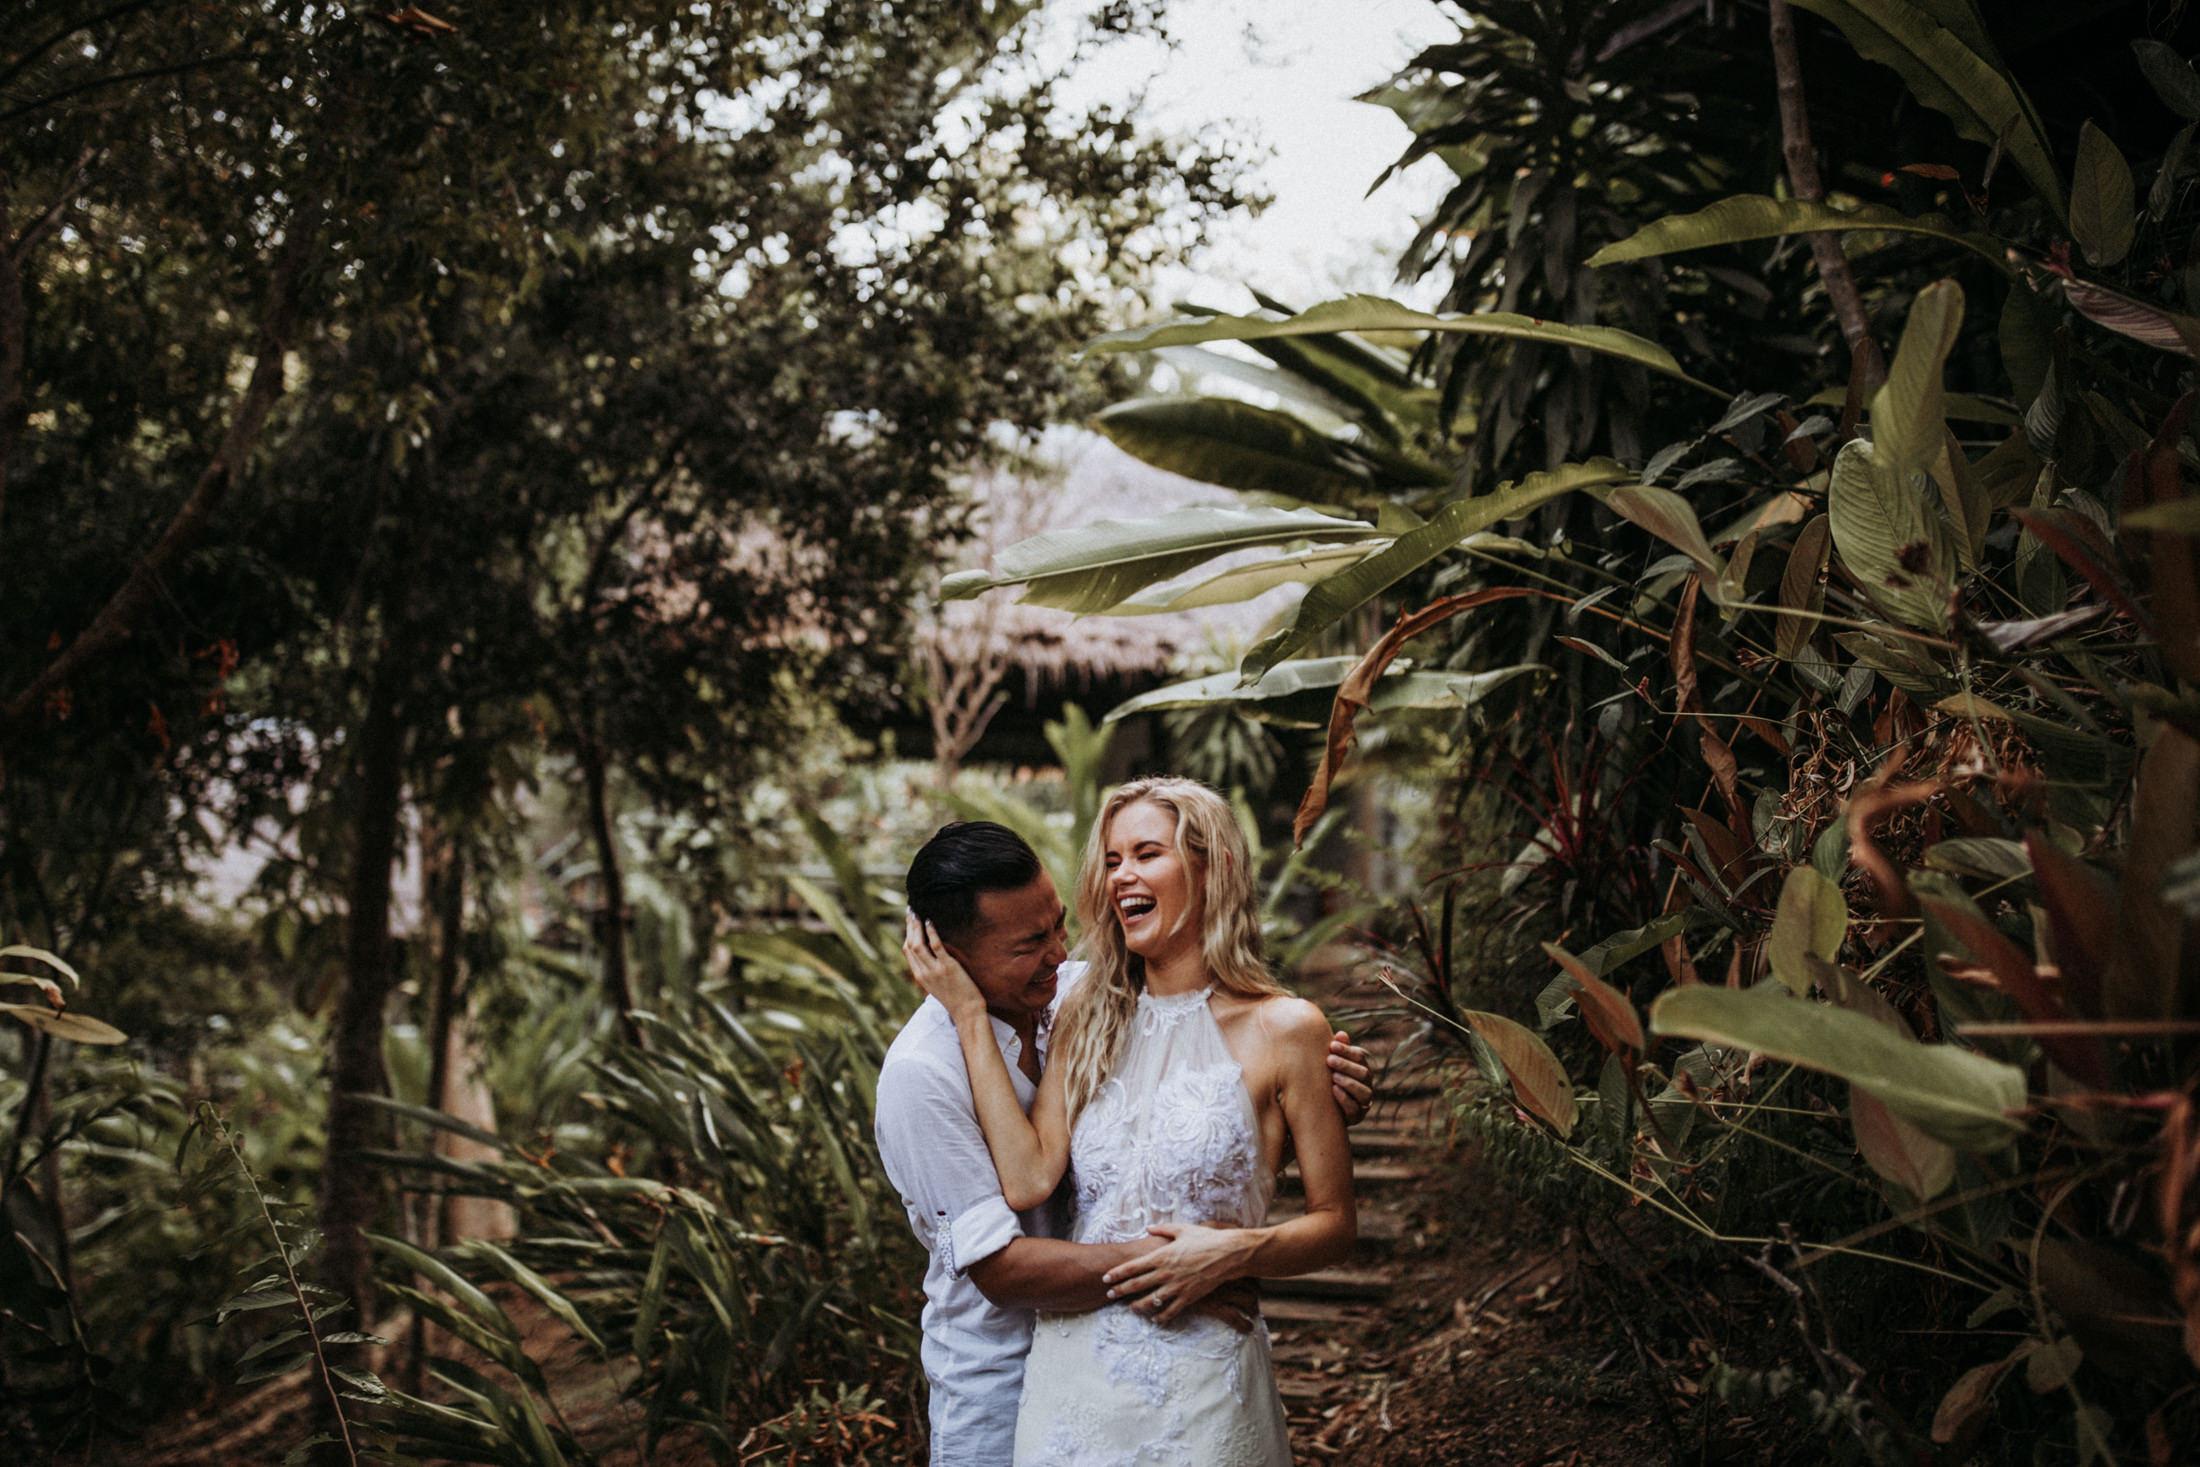 DanielaMarquardt_Wedding_Thailand_470